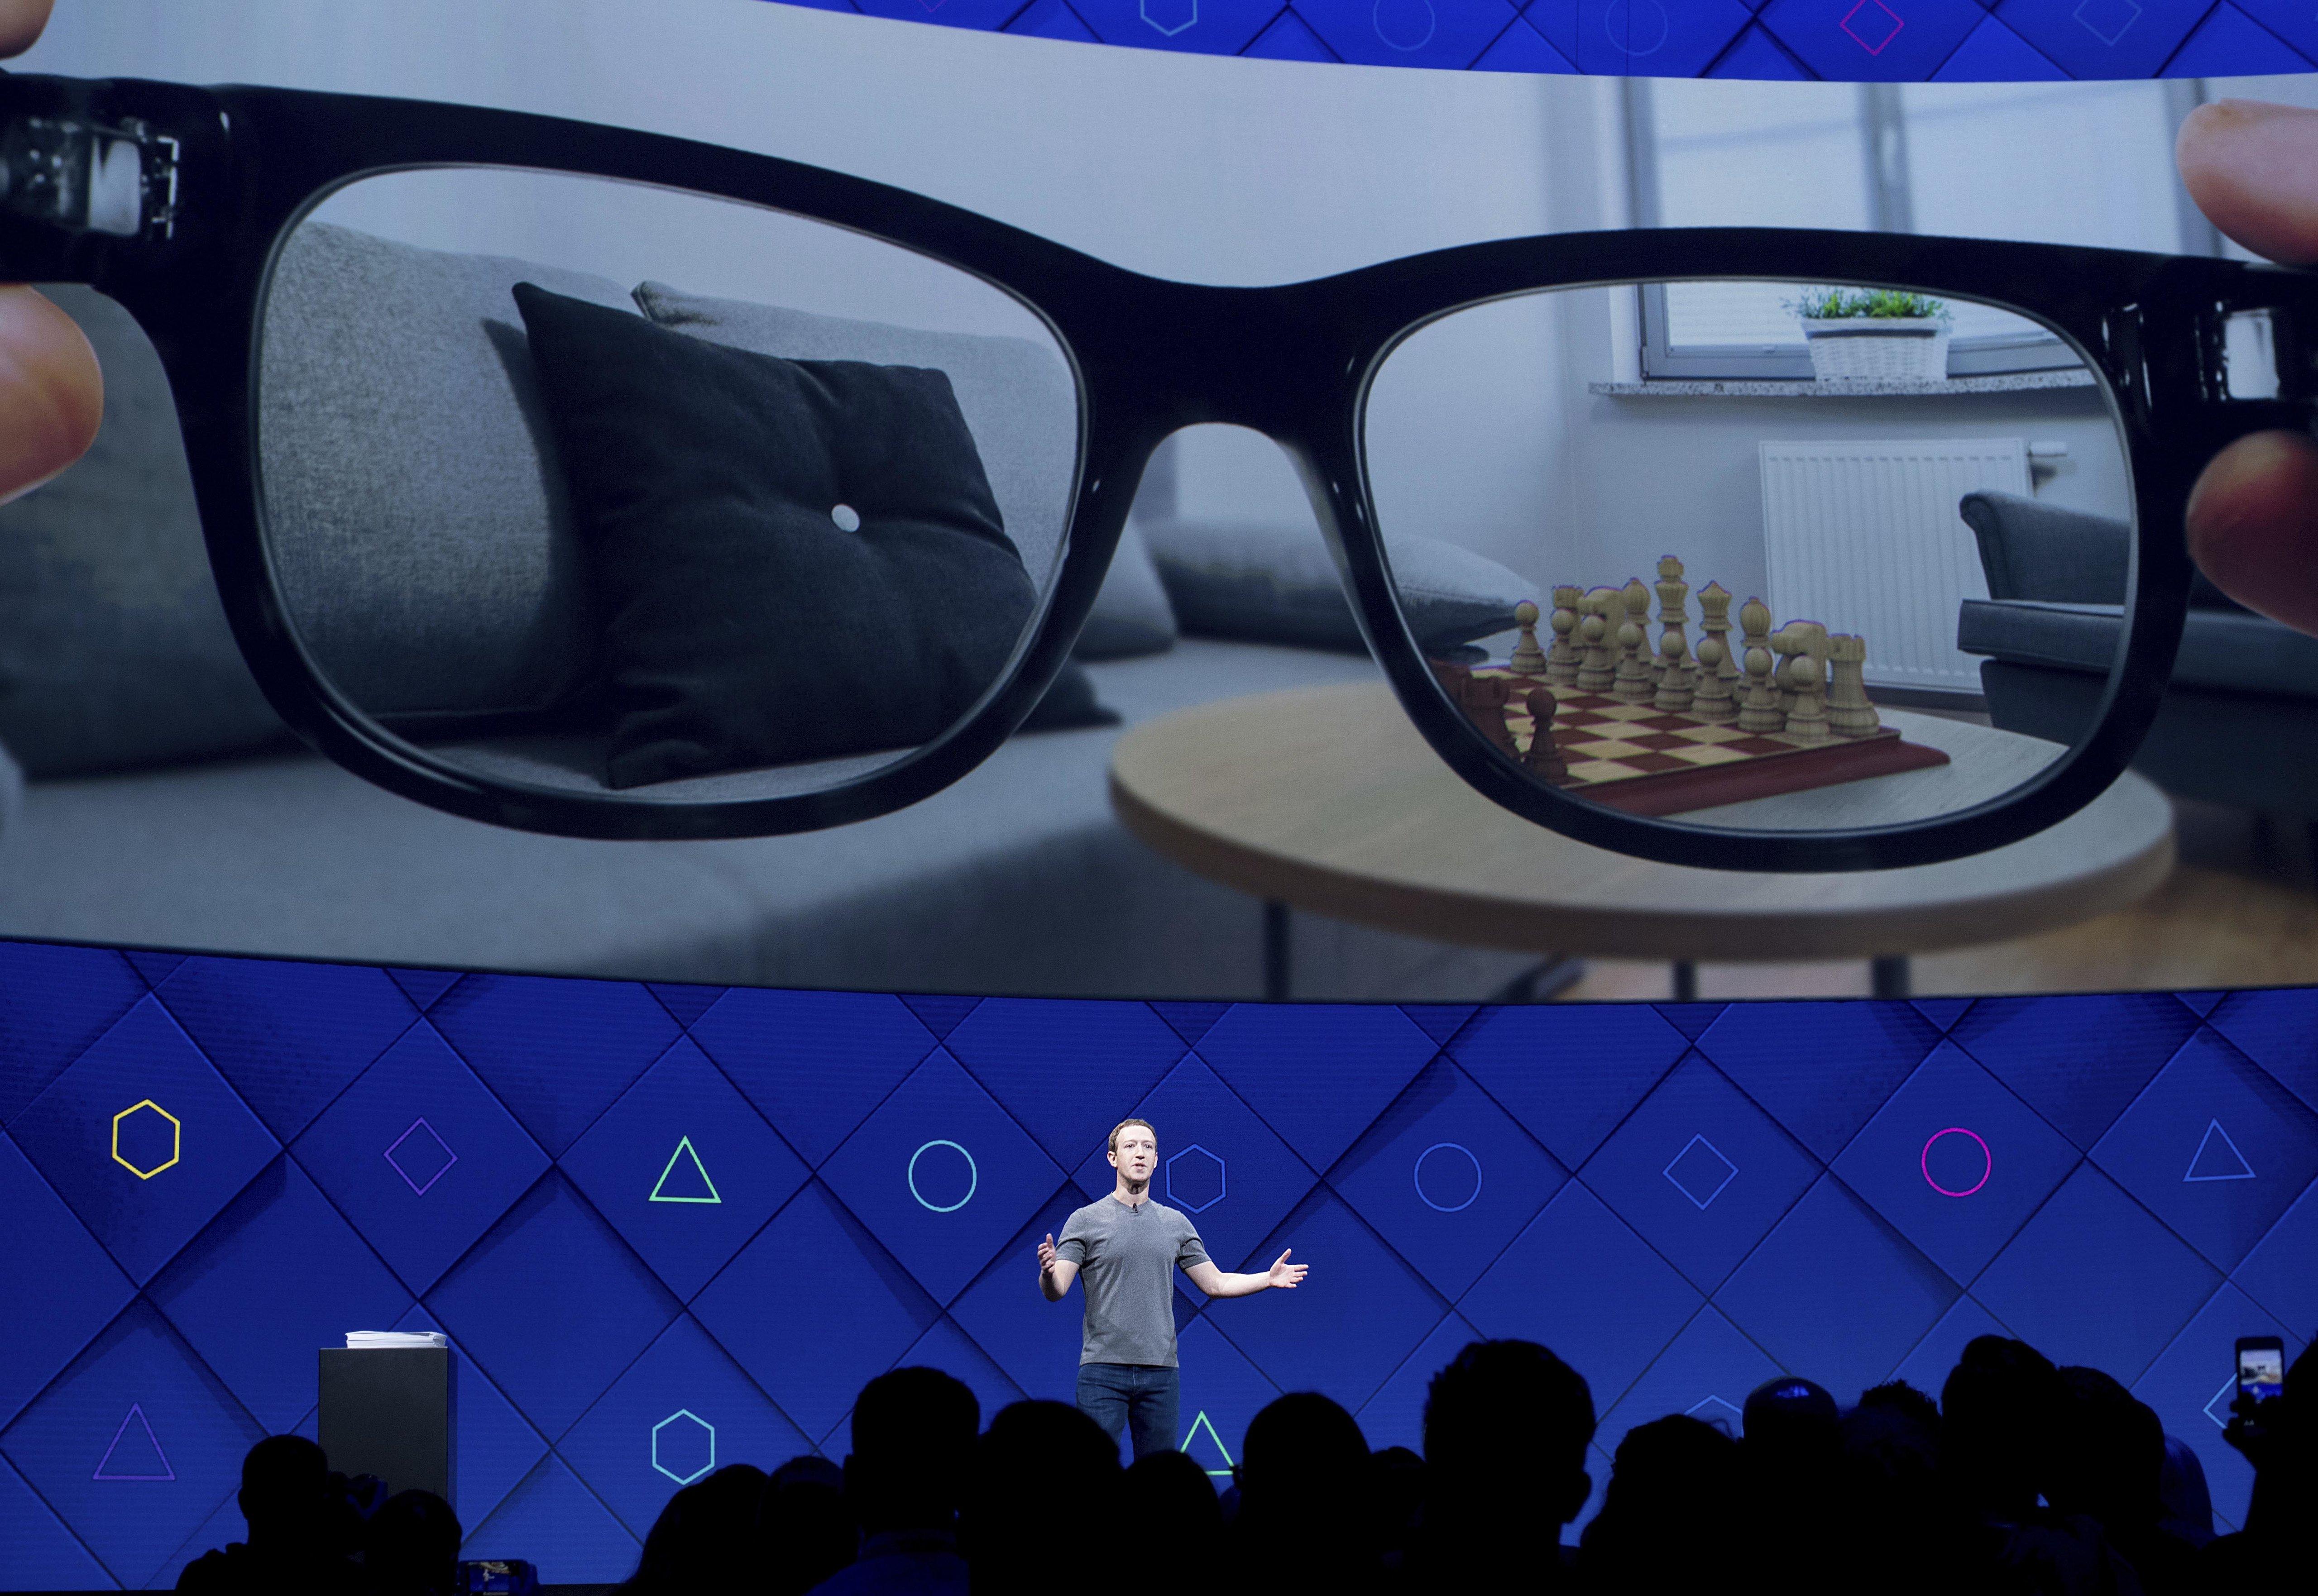 Realidad aumentada cambiará el futuro, promete Facebook